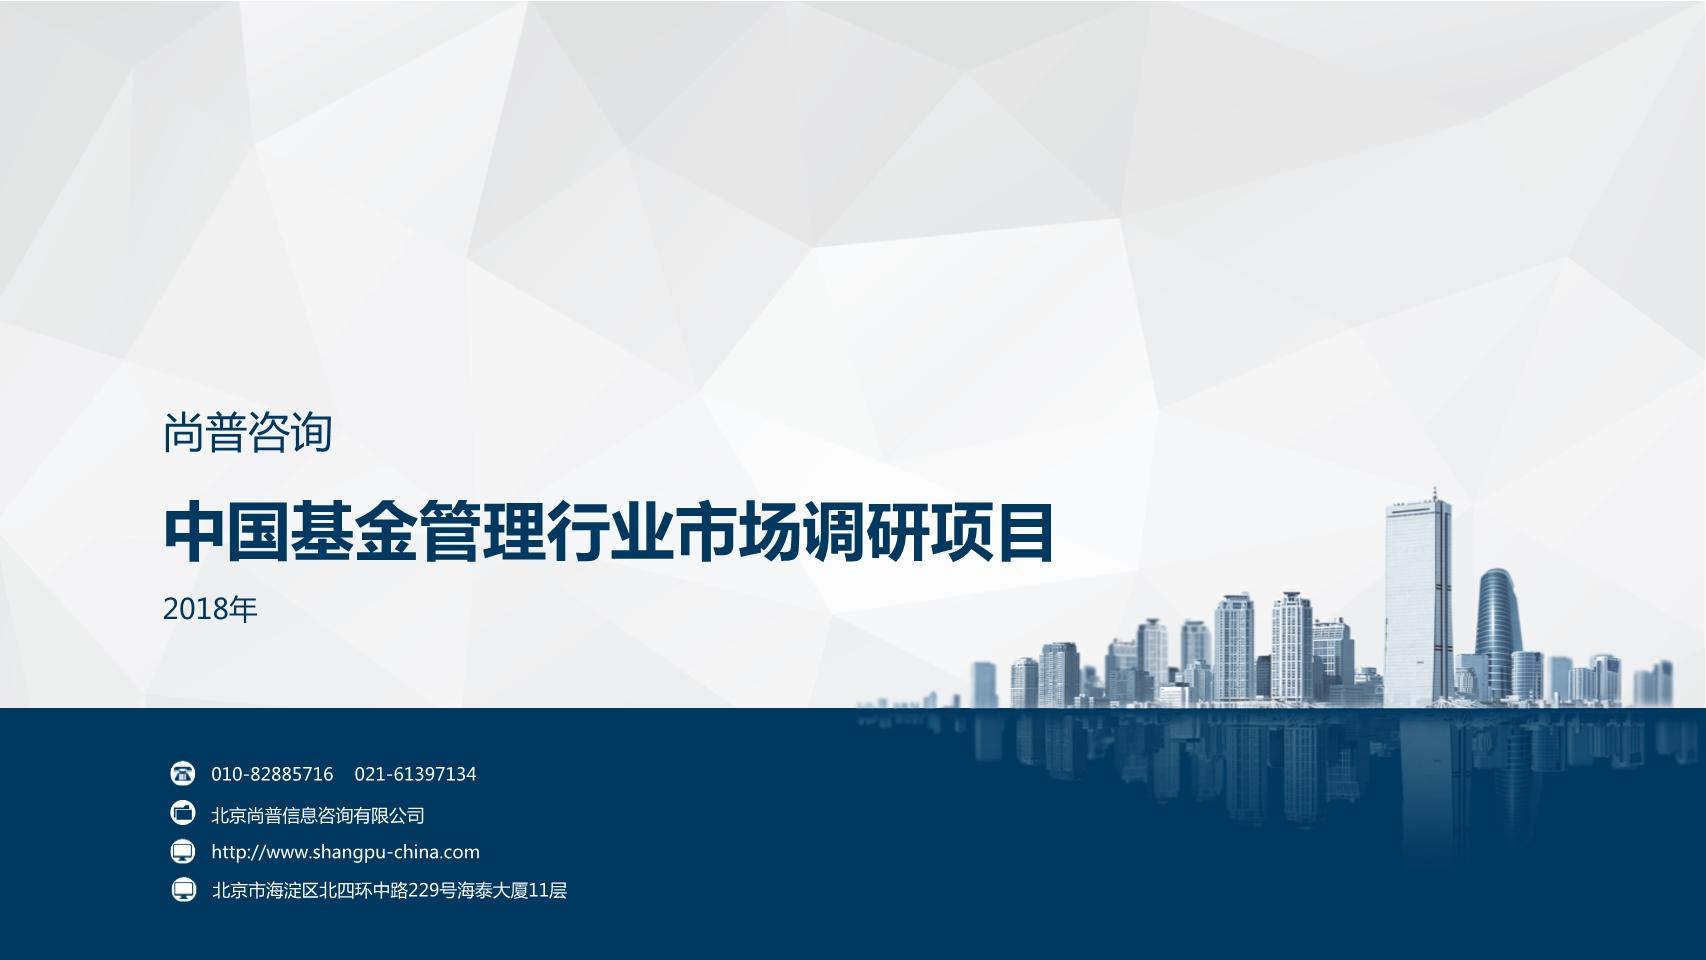 尚普咨询-中国基金管理行业市场调研